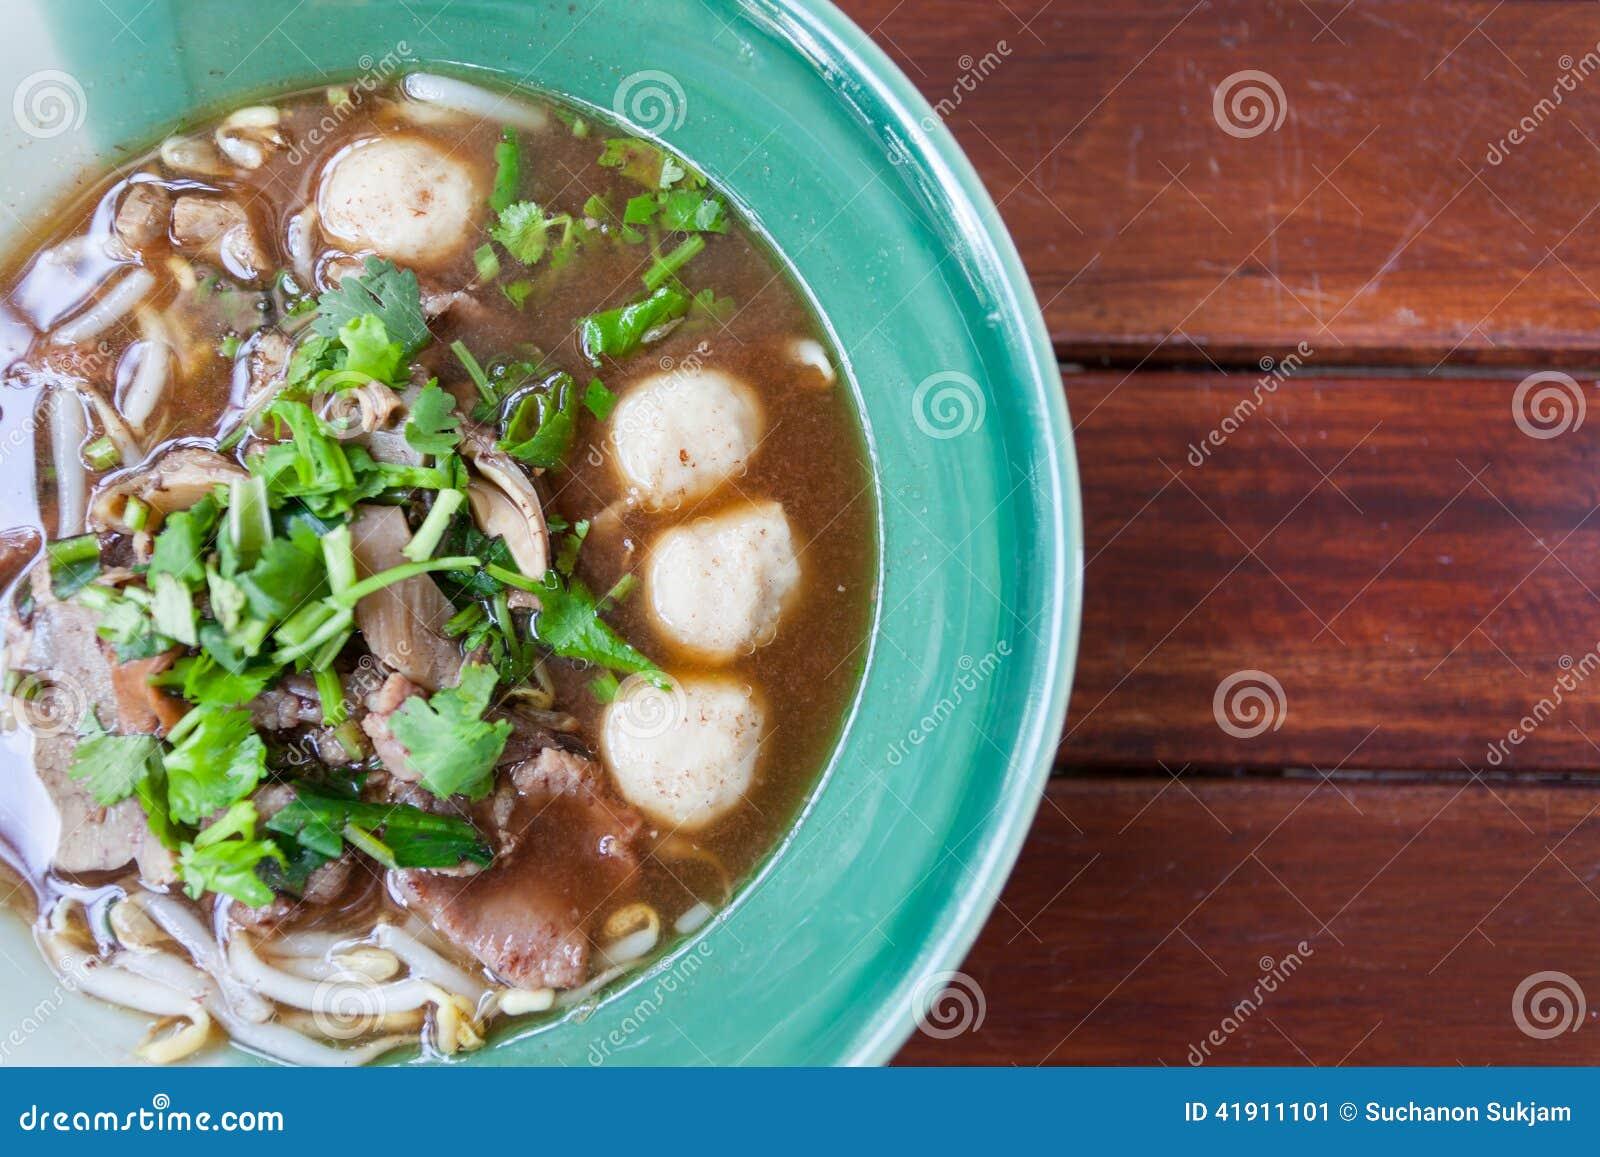 Bacia de sopa de macarronete tailandesa pungente da carne de porco